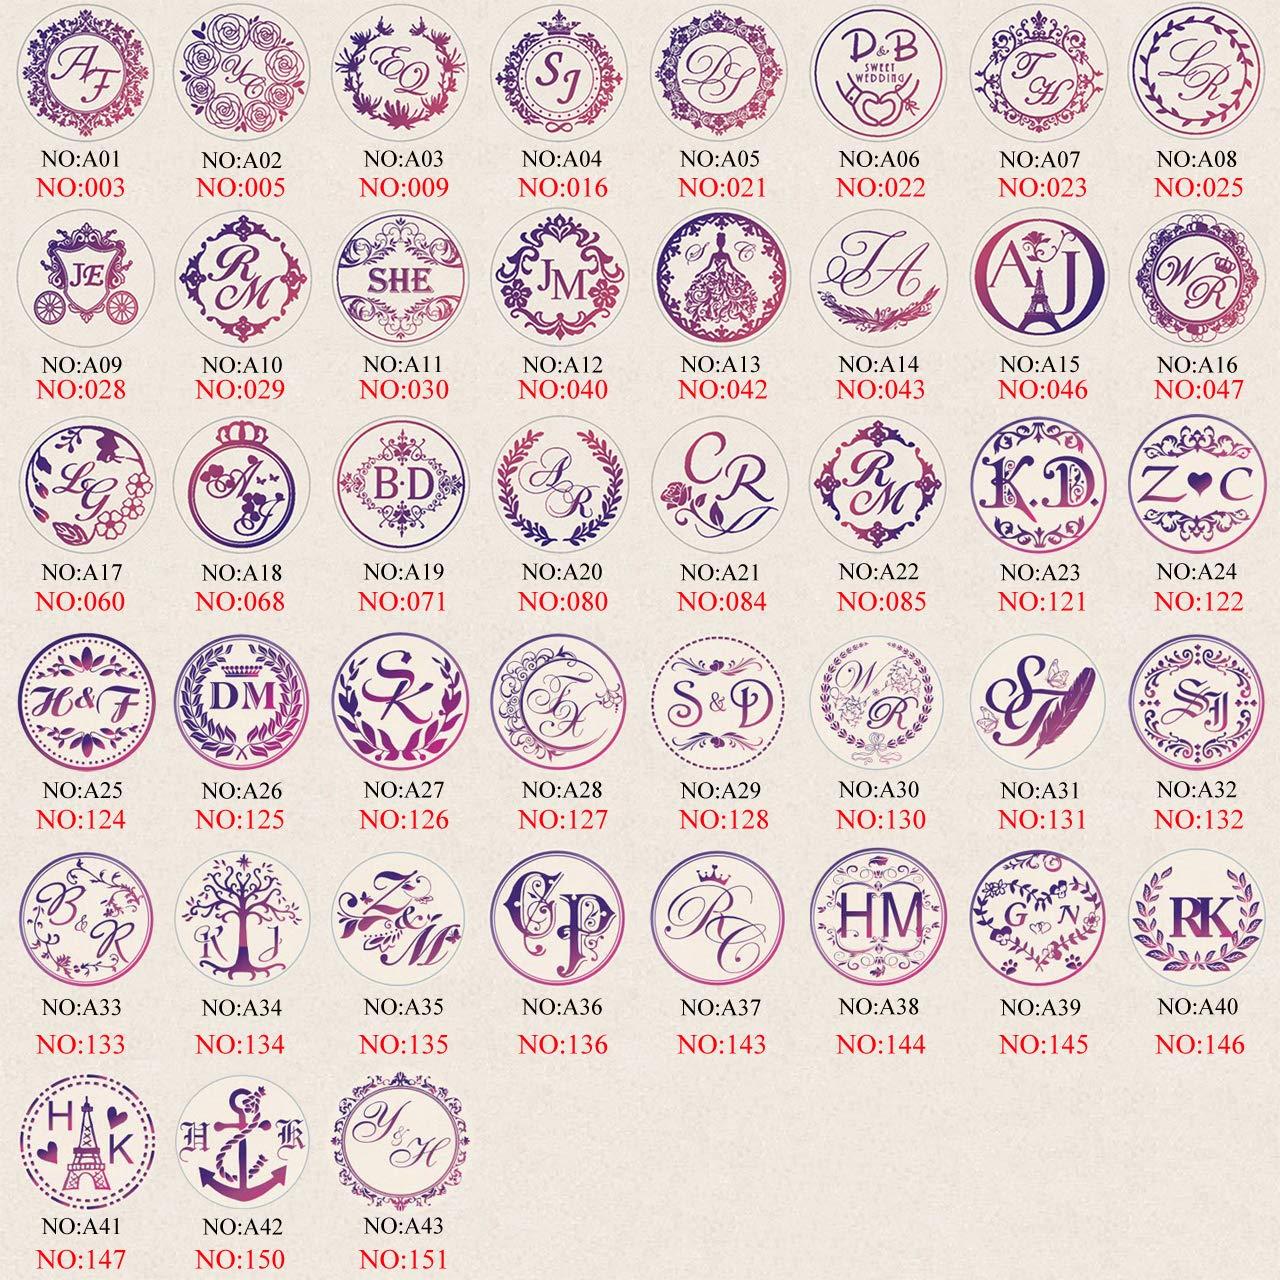 timbro con manico in legno ottone rame personalizzato lettera designo alfabeto Mogokoyo sigillo timbro personalizzabile in stile retro vintage cliente incisione specifico alfabeto